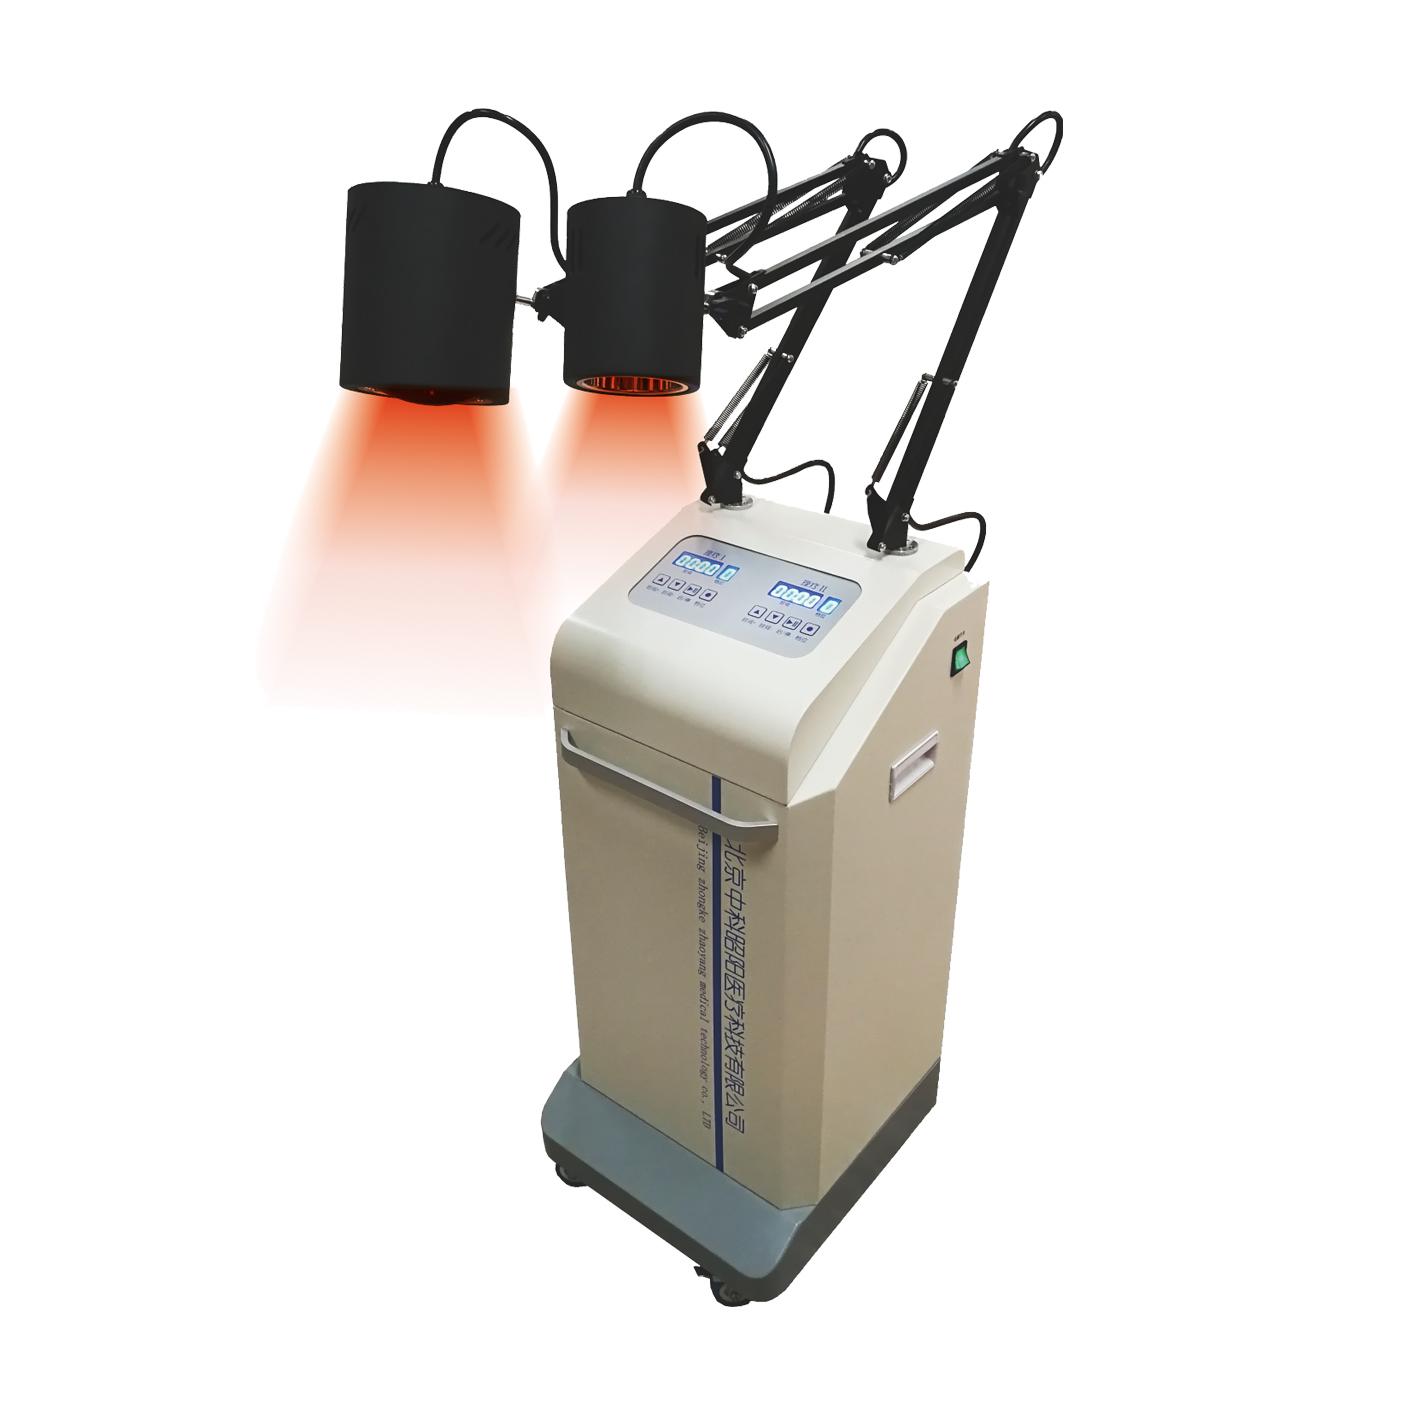 红光/红外线治疗仪